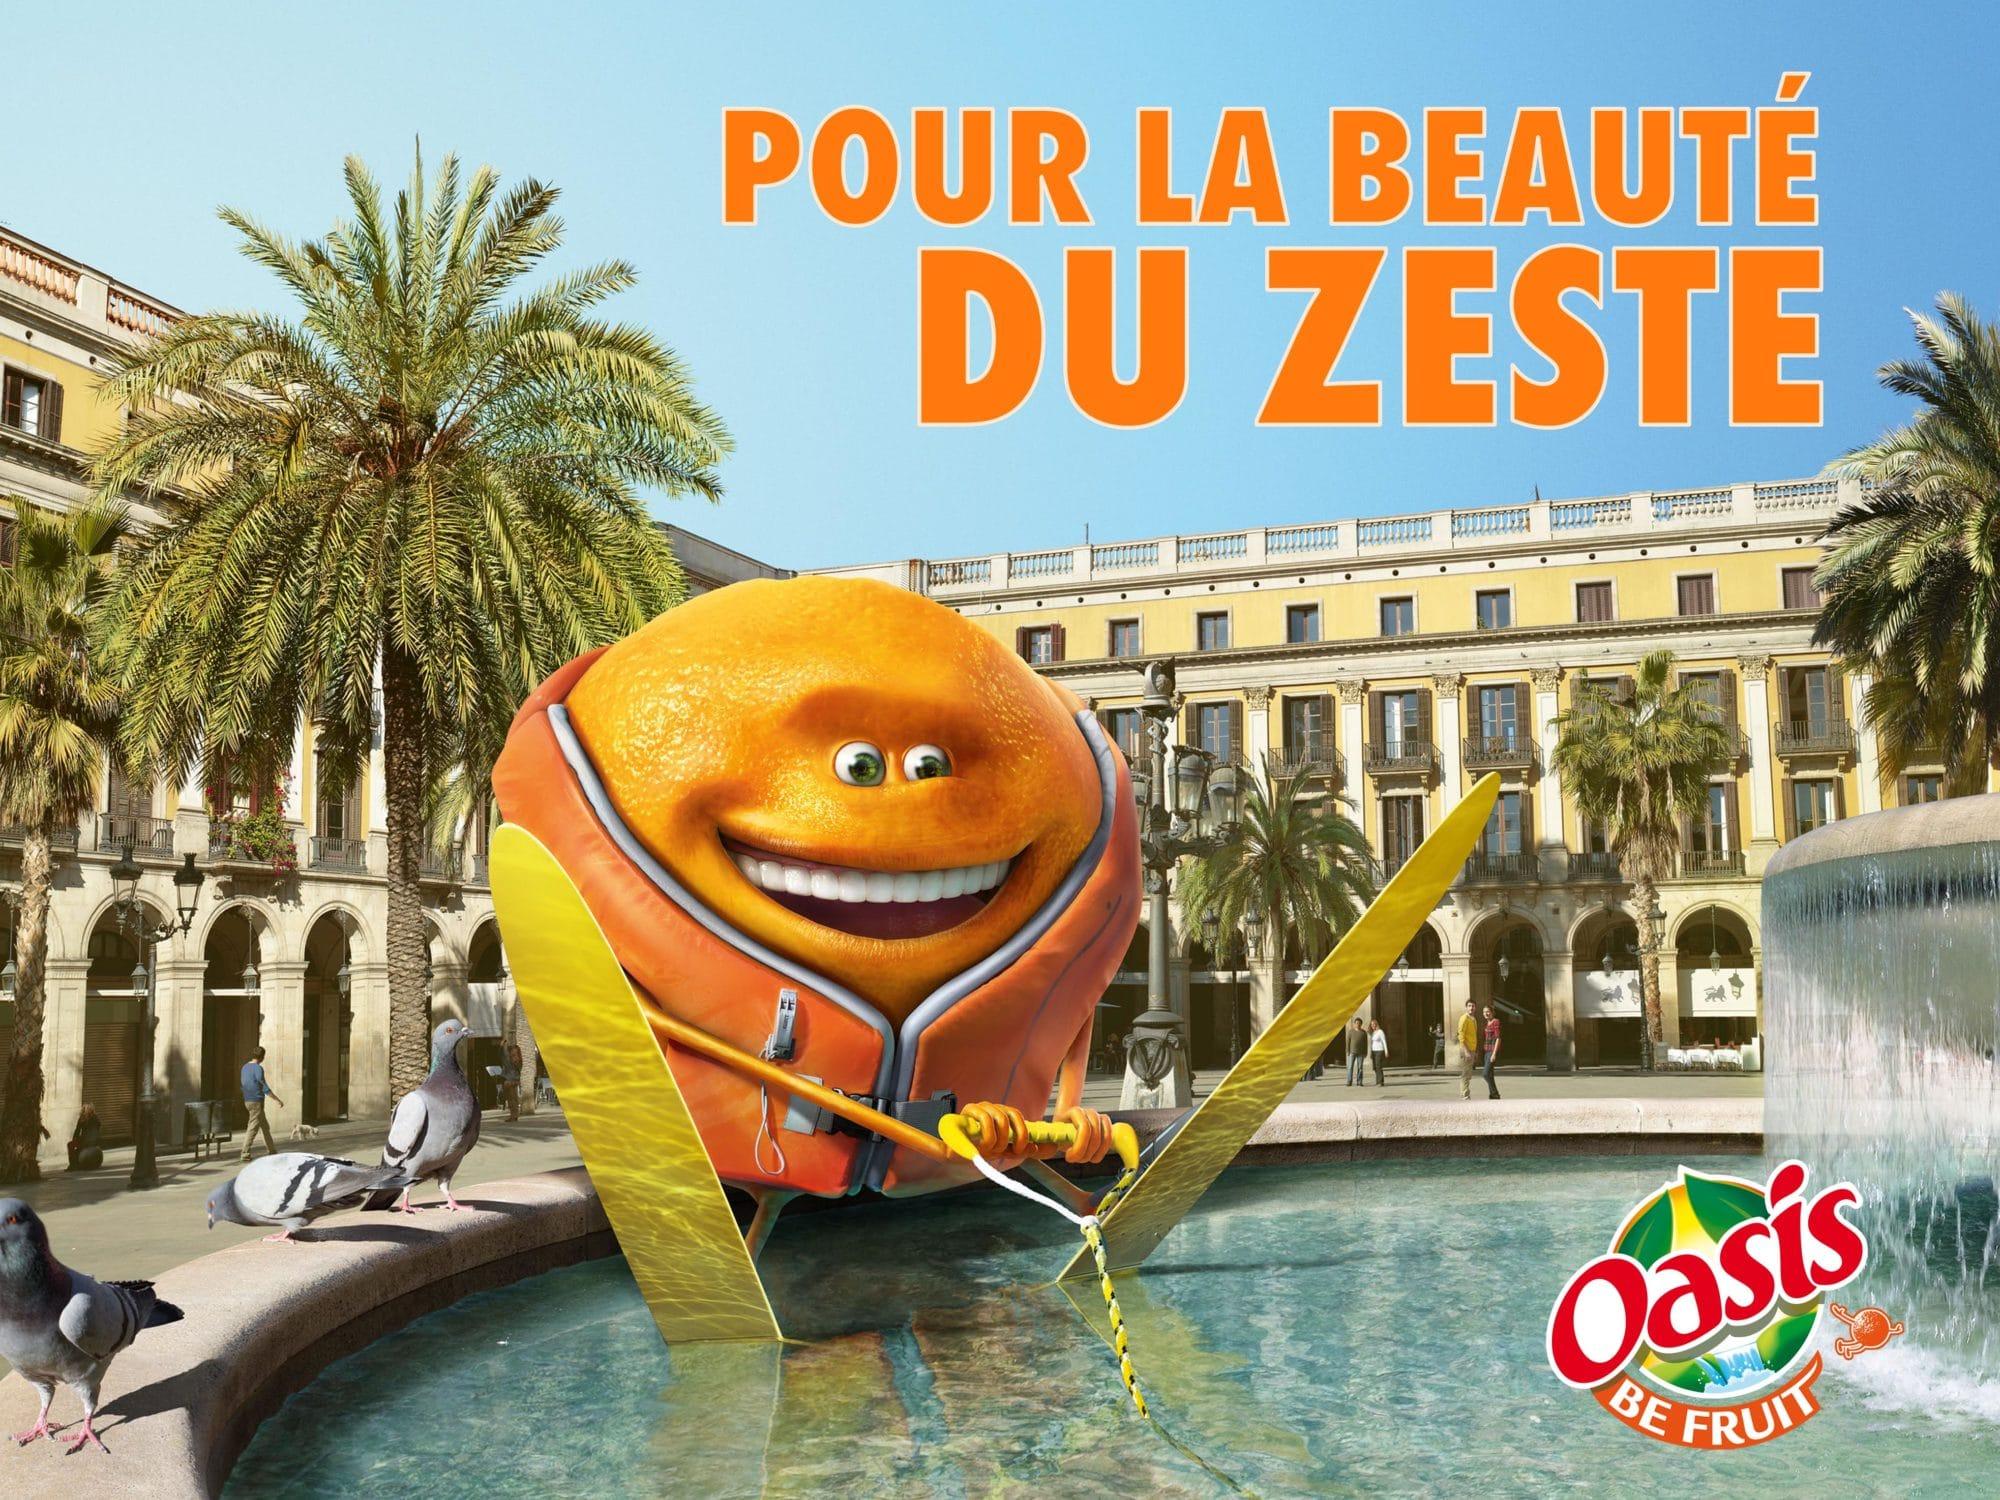 Oasis publicité